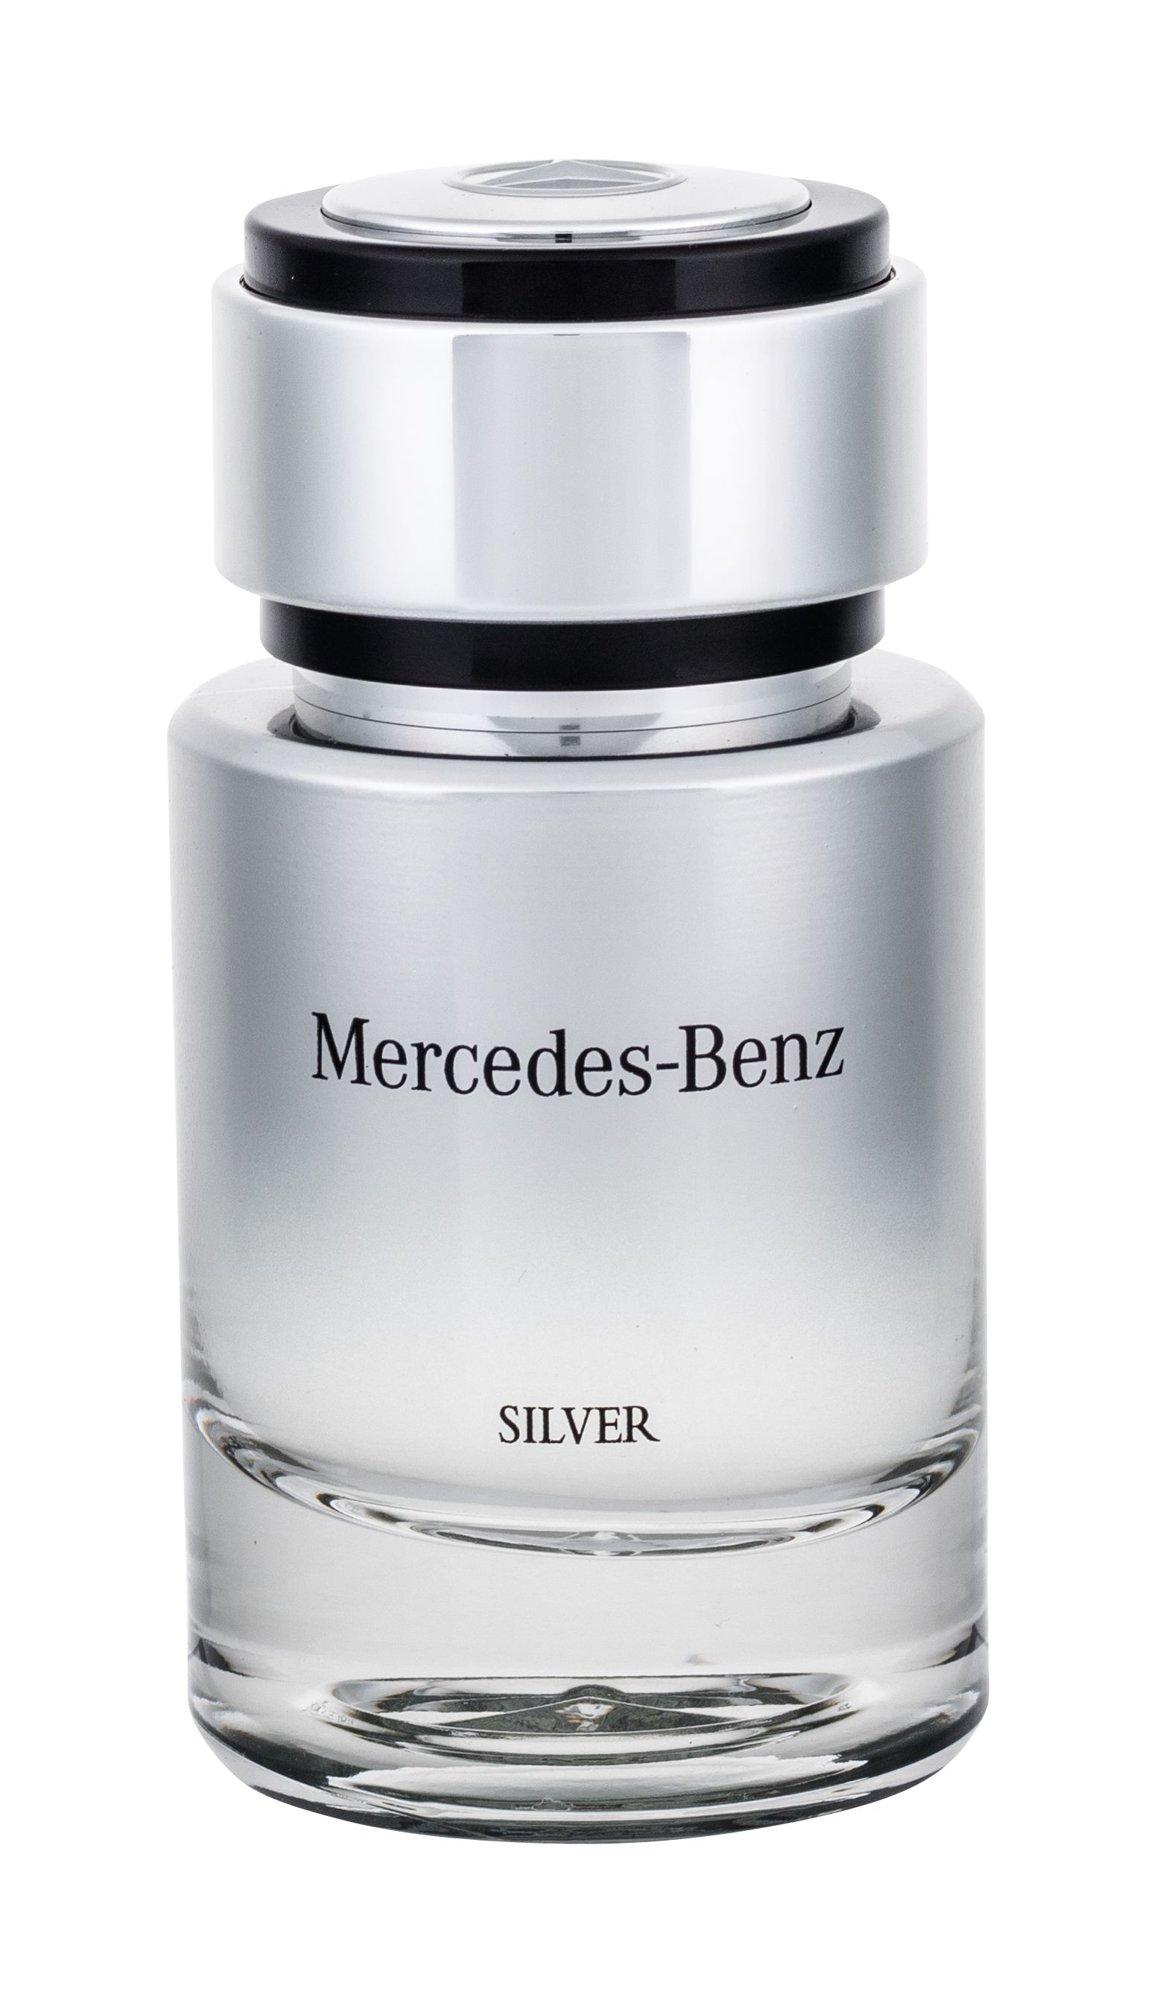 Mercedes-Benz Mercedes-Benz Silver EDT 75ml